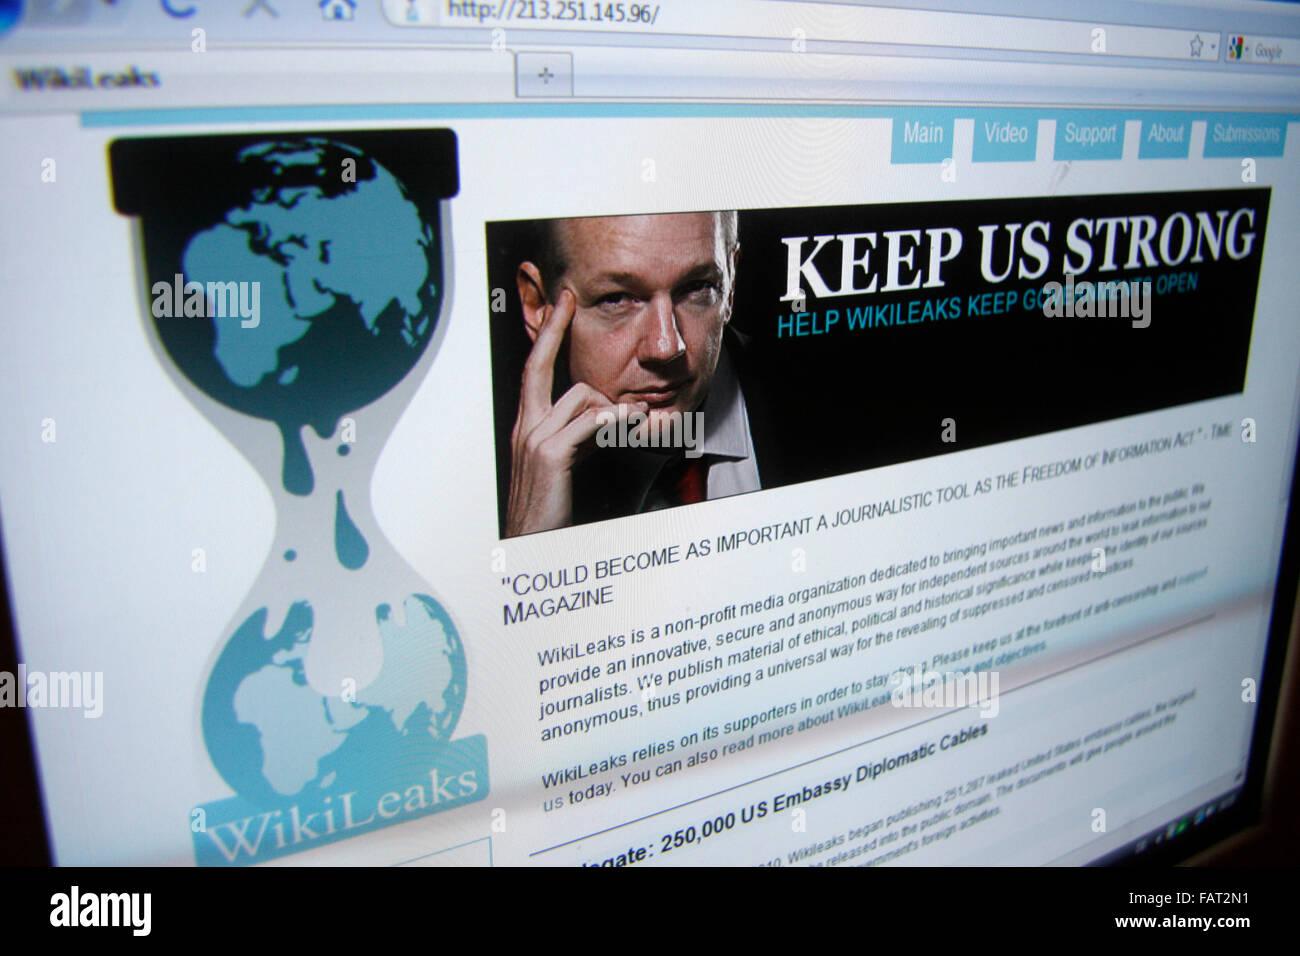 Julian Assange von der Internet-Plattform 'wikileaks' fordert zur Unterstuetzung auf, nachdem die Hauptseite - Stock Image